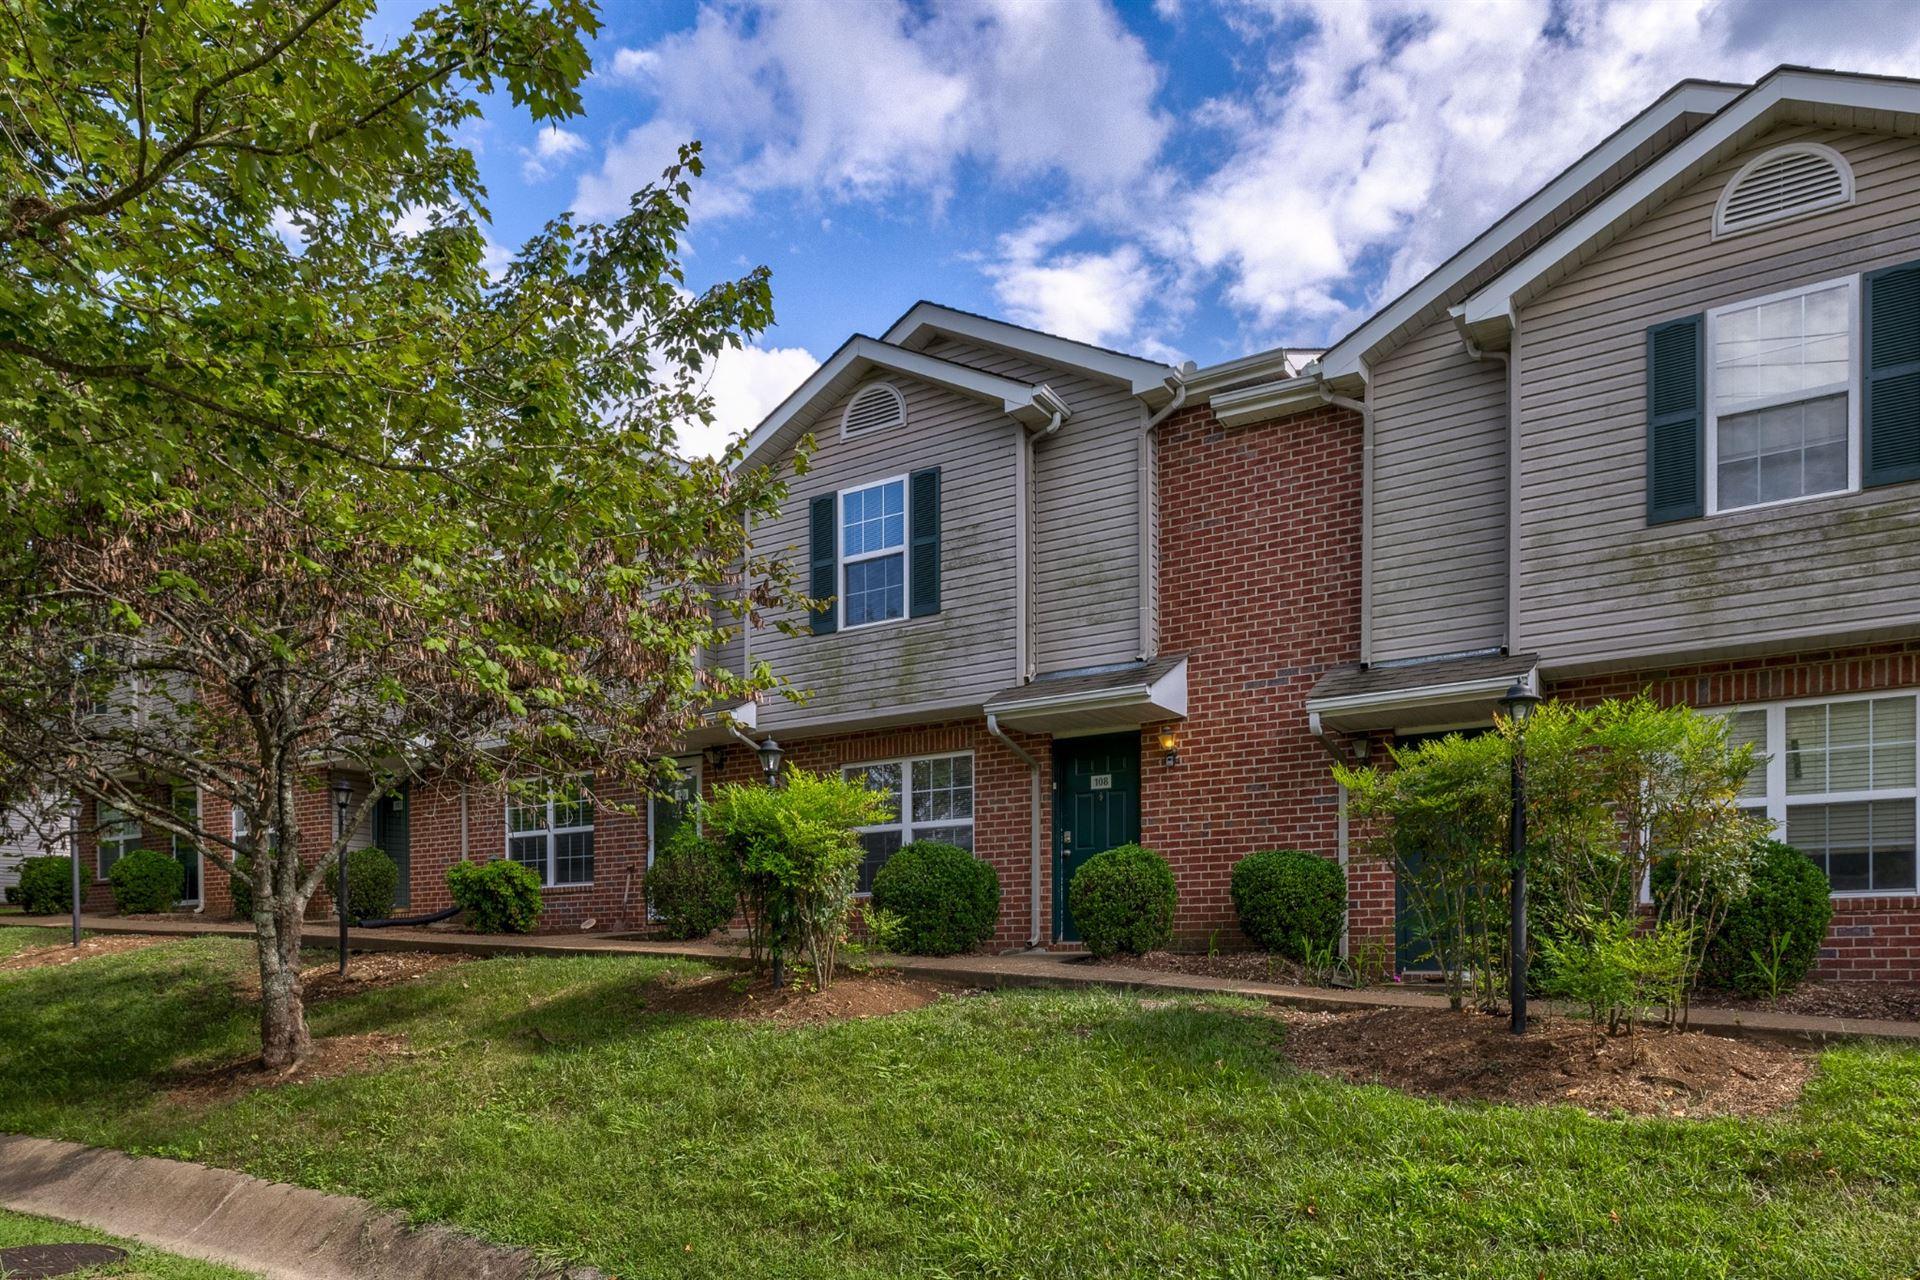 108 Waterview Dr, Hendersonville, TN 37075 - MLS#: 2284207